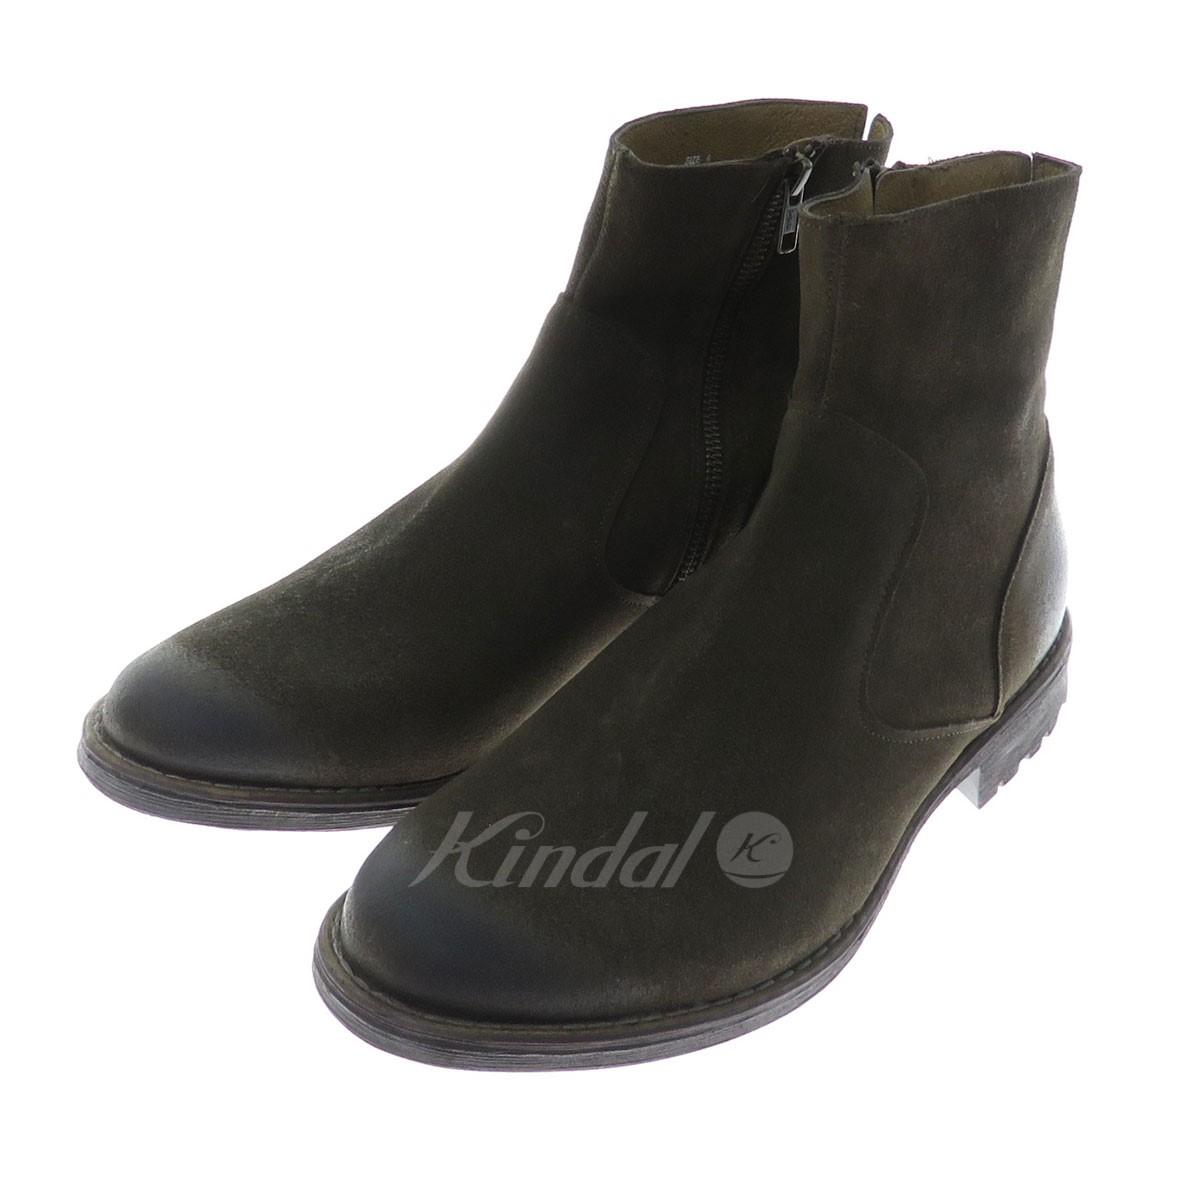 【中古】Zzyxx Shoes サイドジップブーツ ブラウン サイズ:8 【送料無料】 【300918】(ジージックスシューズ)